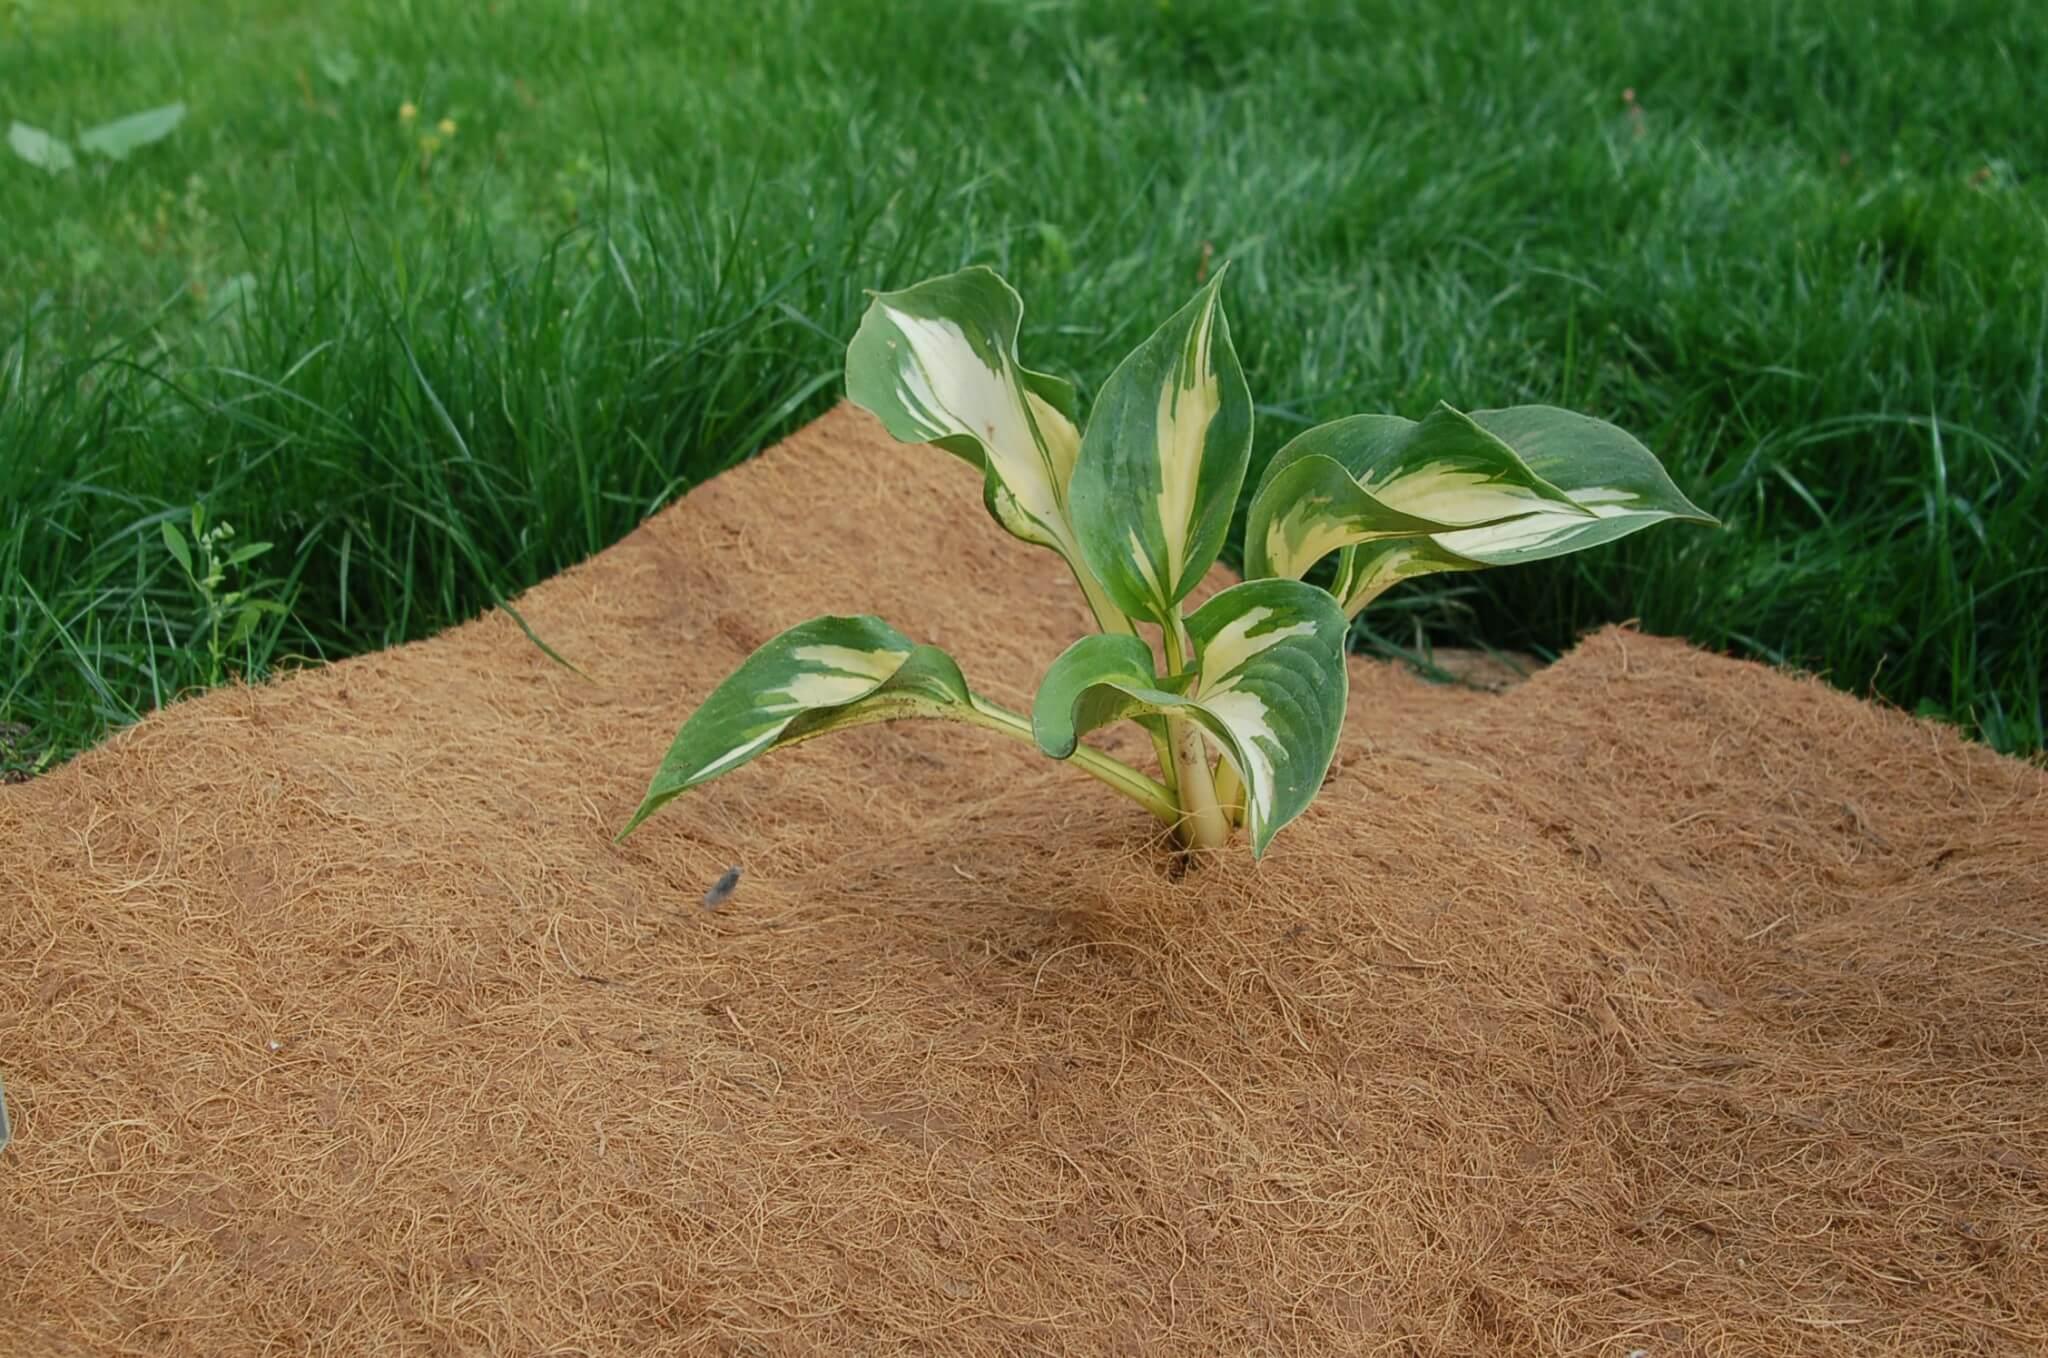 Мульчирование почвы - что это такое, и в чем польза данного метода?